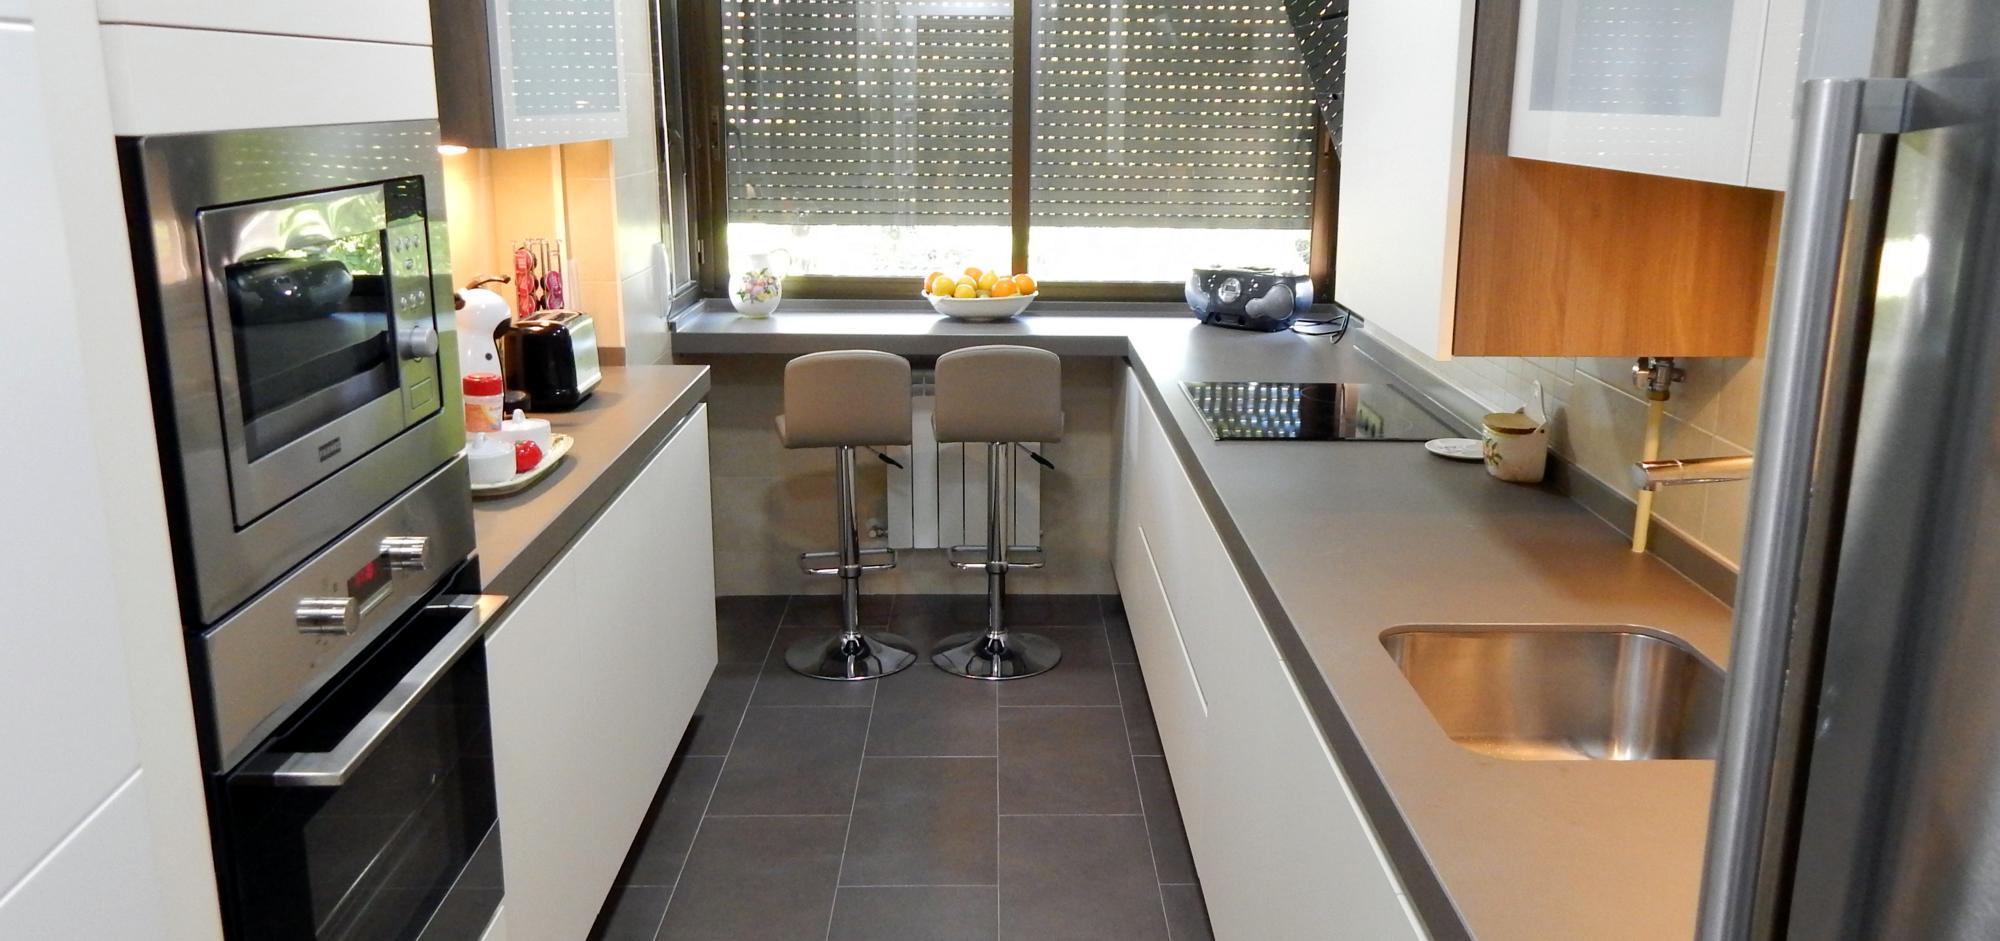 Muebles de cocina blancos sin tiradores - Tiradores y pomos para muebles ...